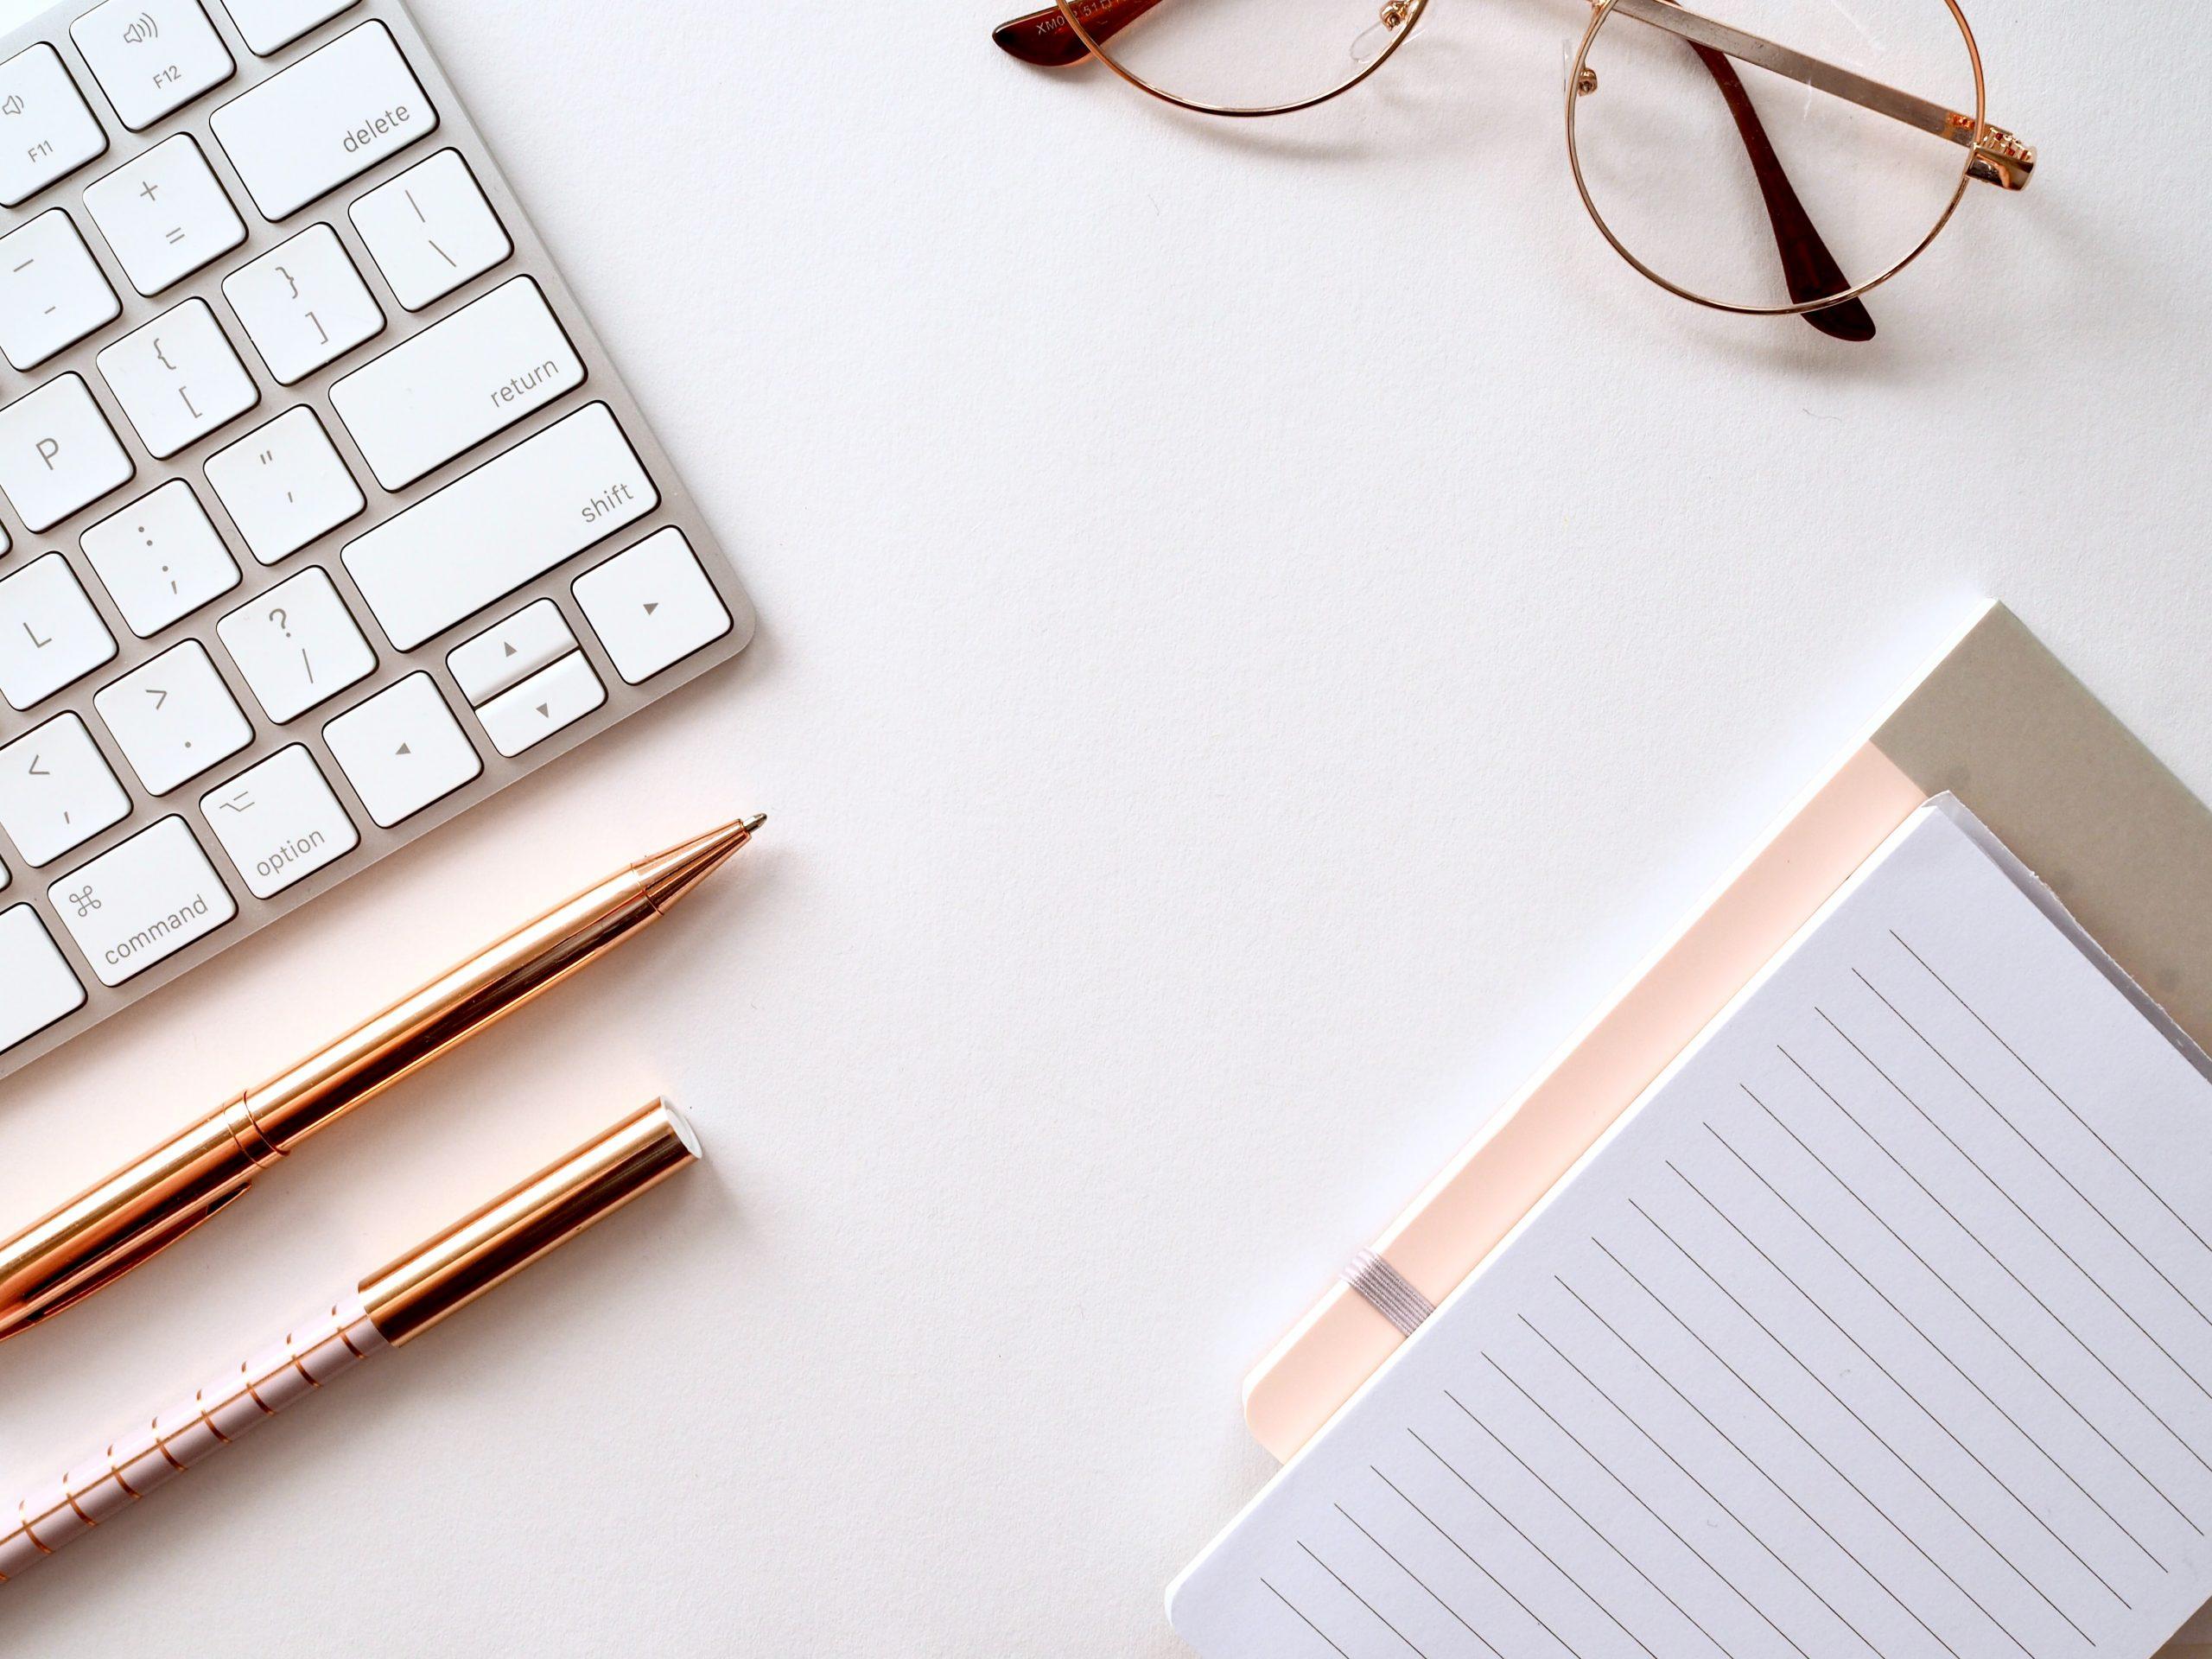 hjemmearbejde, computer, briller (Foto: Unsplash)